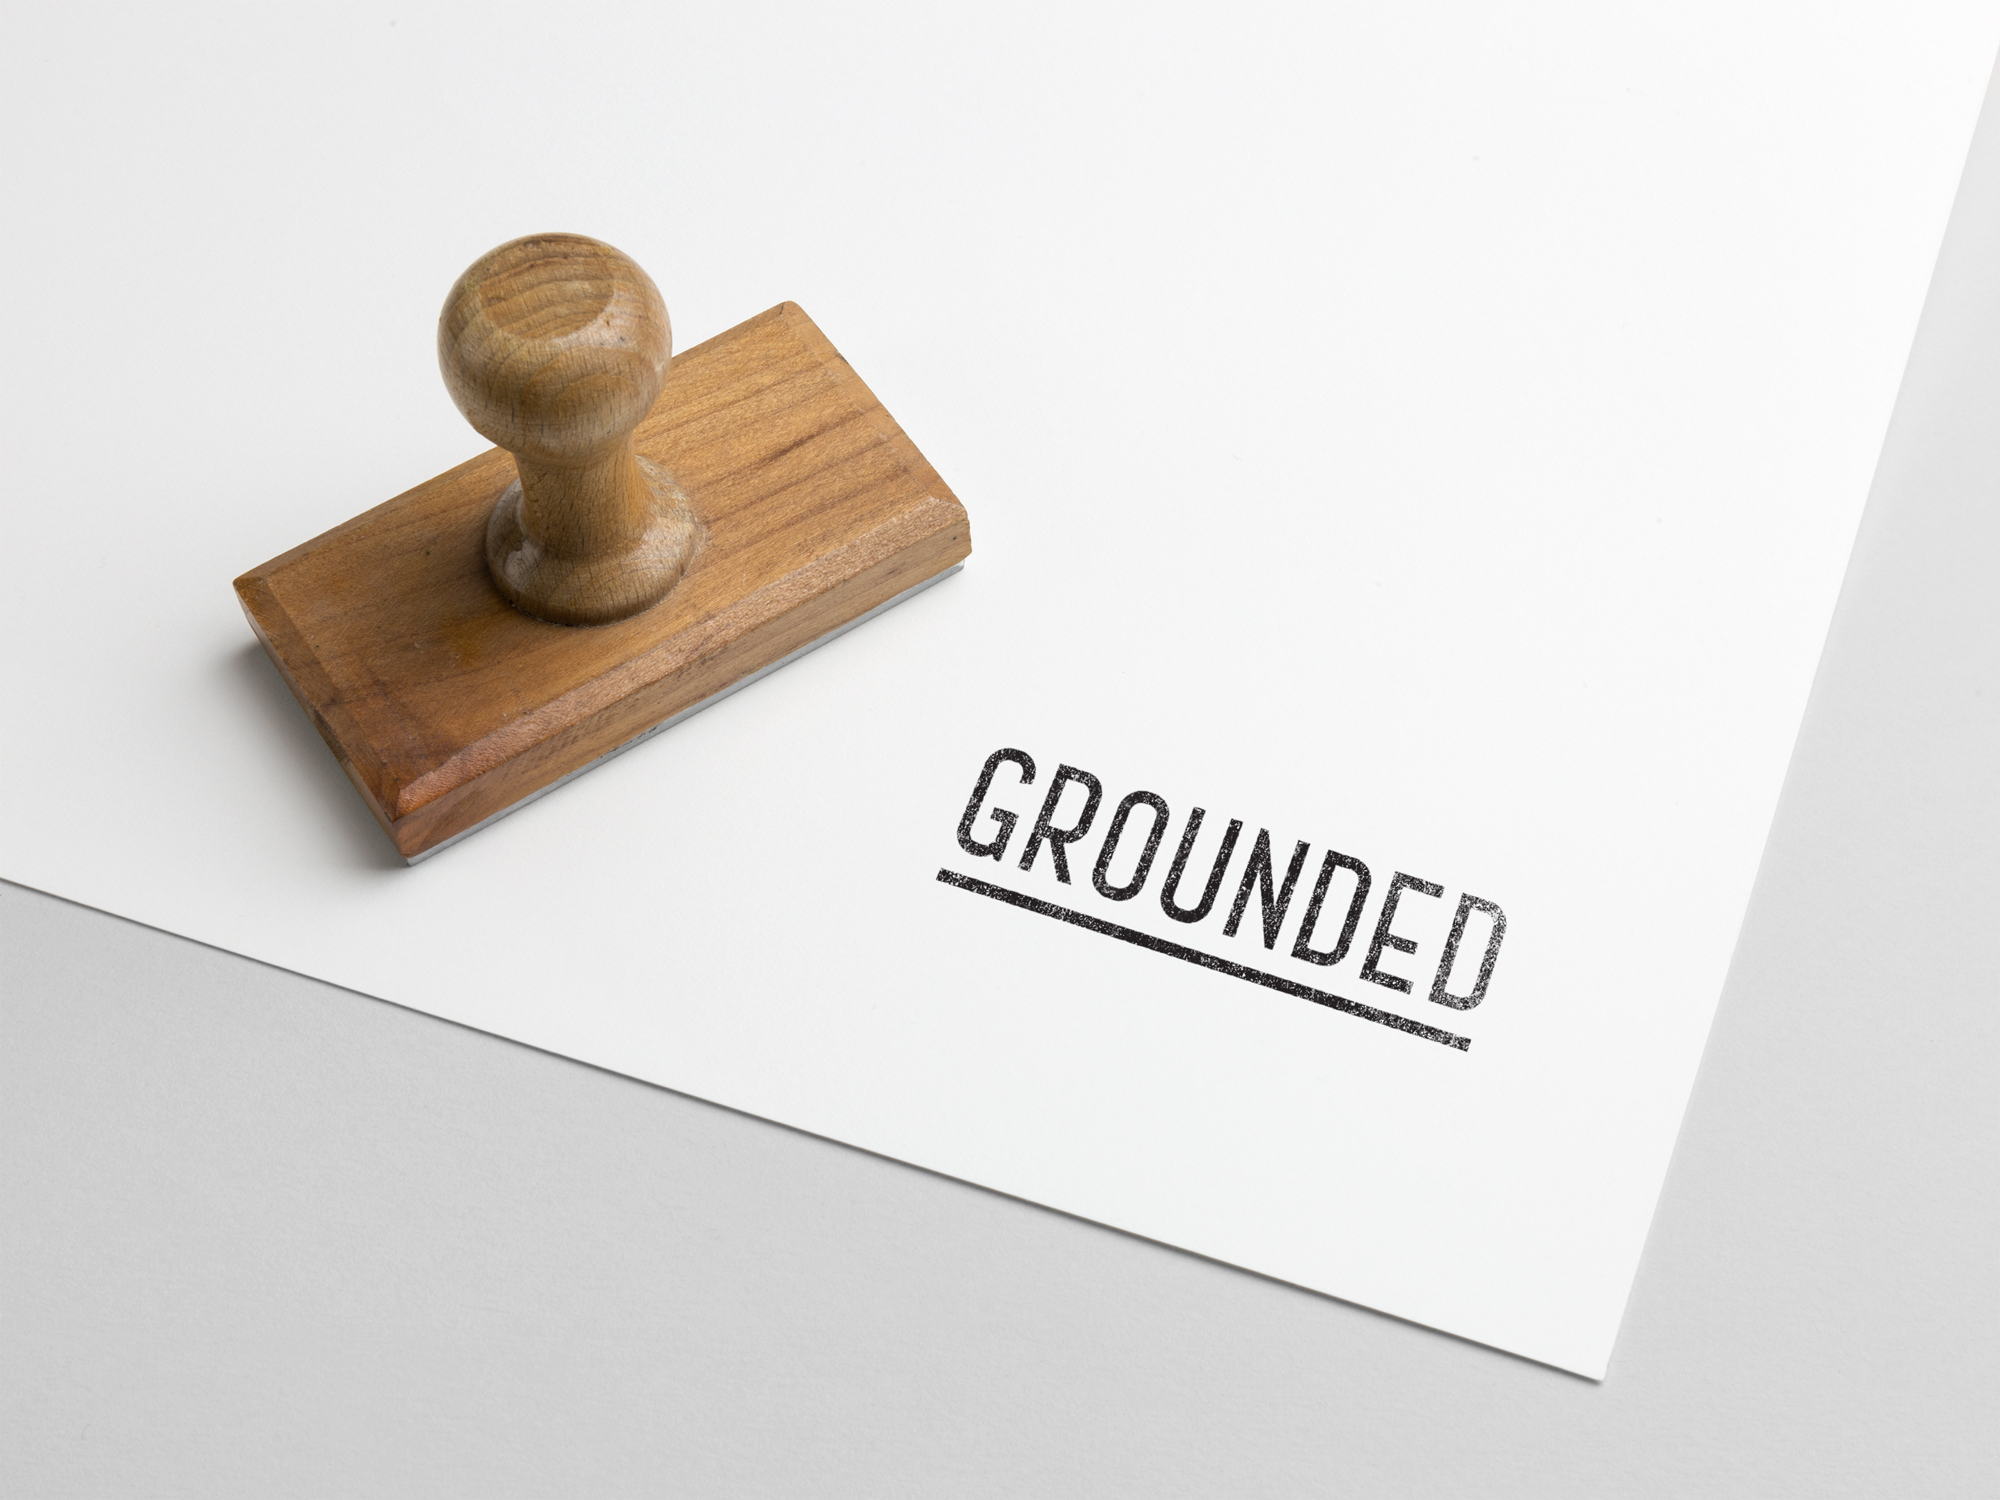 grounded-2.jpg